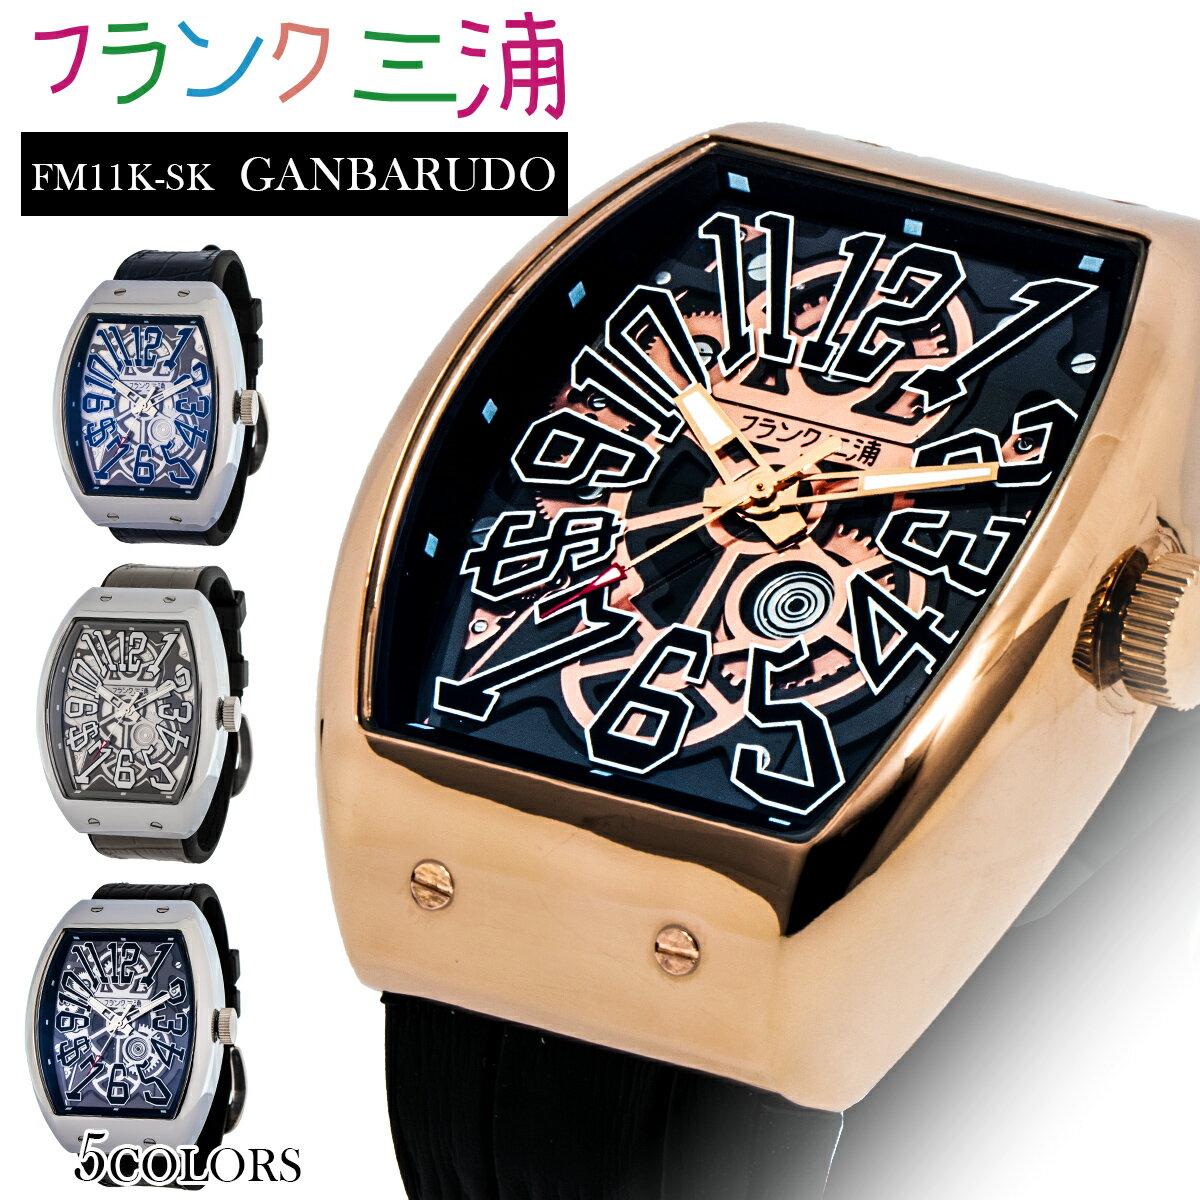 フランク三浦 十一号機 頑張るどモデル 最高級スケルトンウォッチ 時計 腕時計